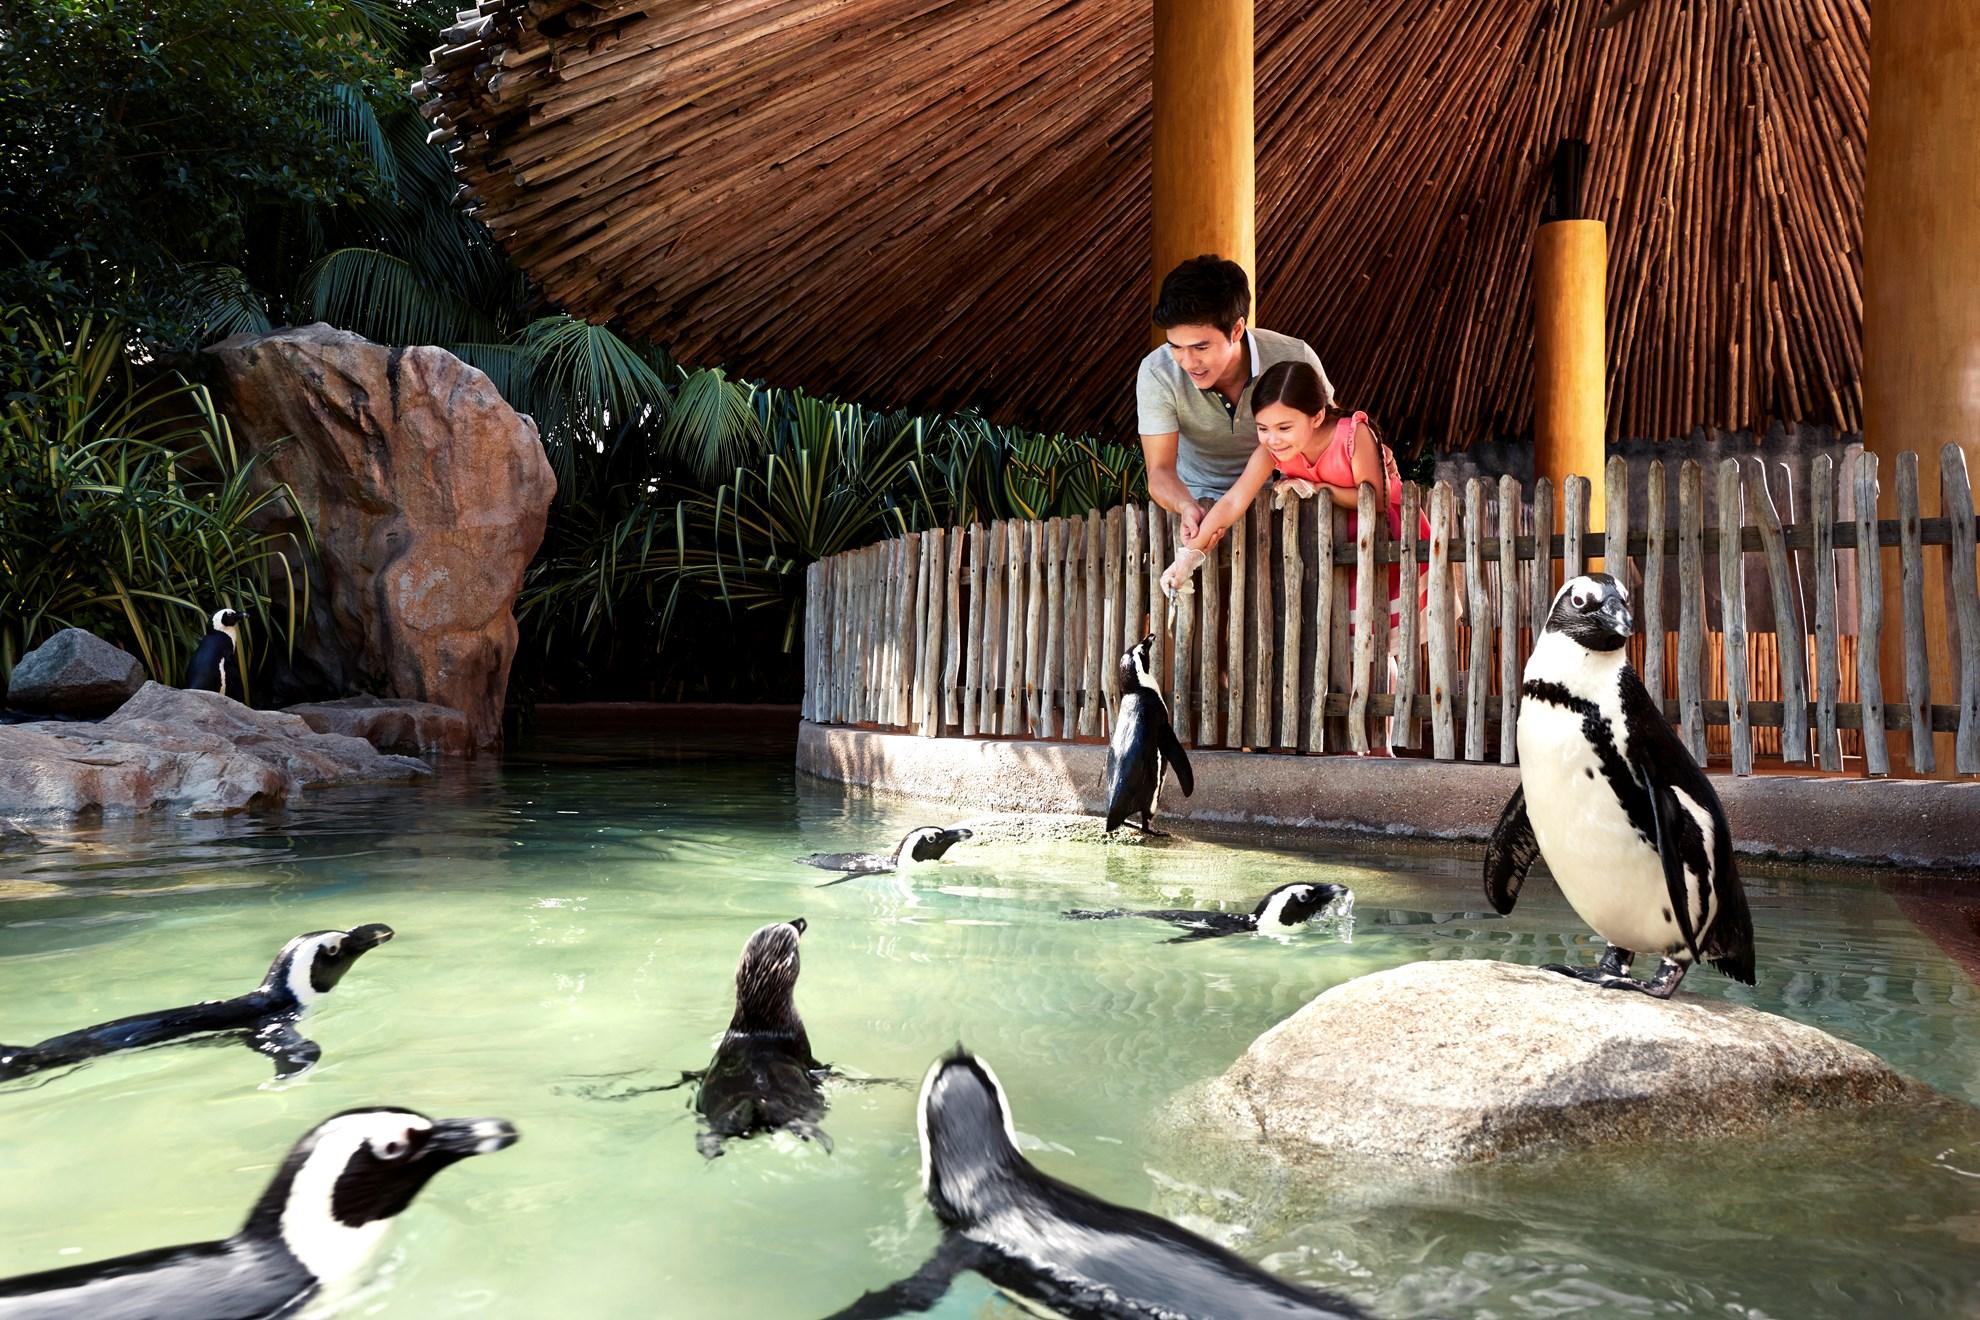 Vé tham quan vườn chim Jurong, có đưa đón